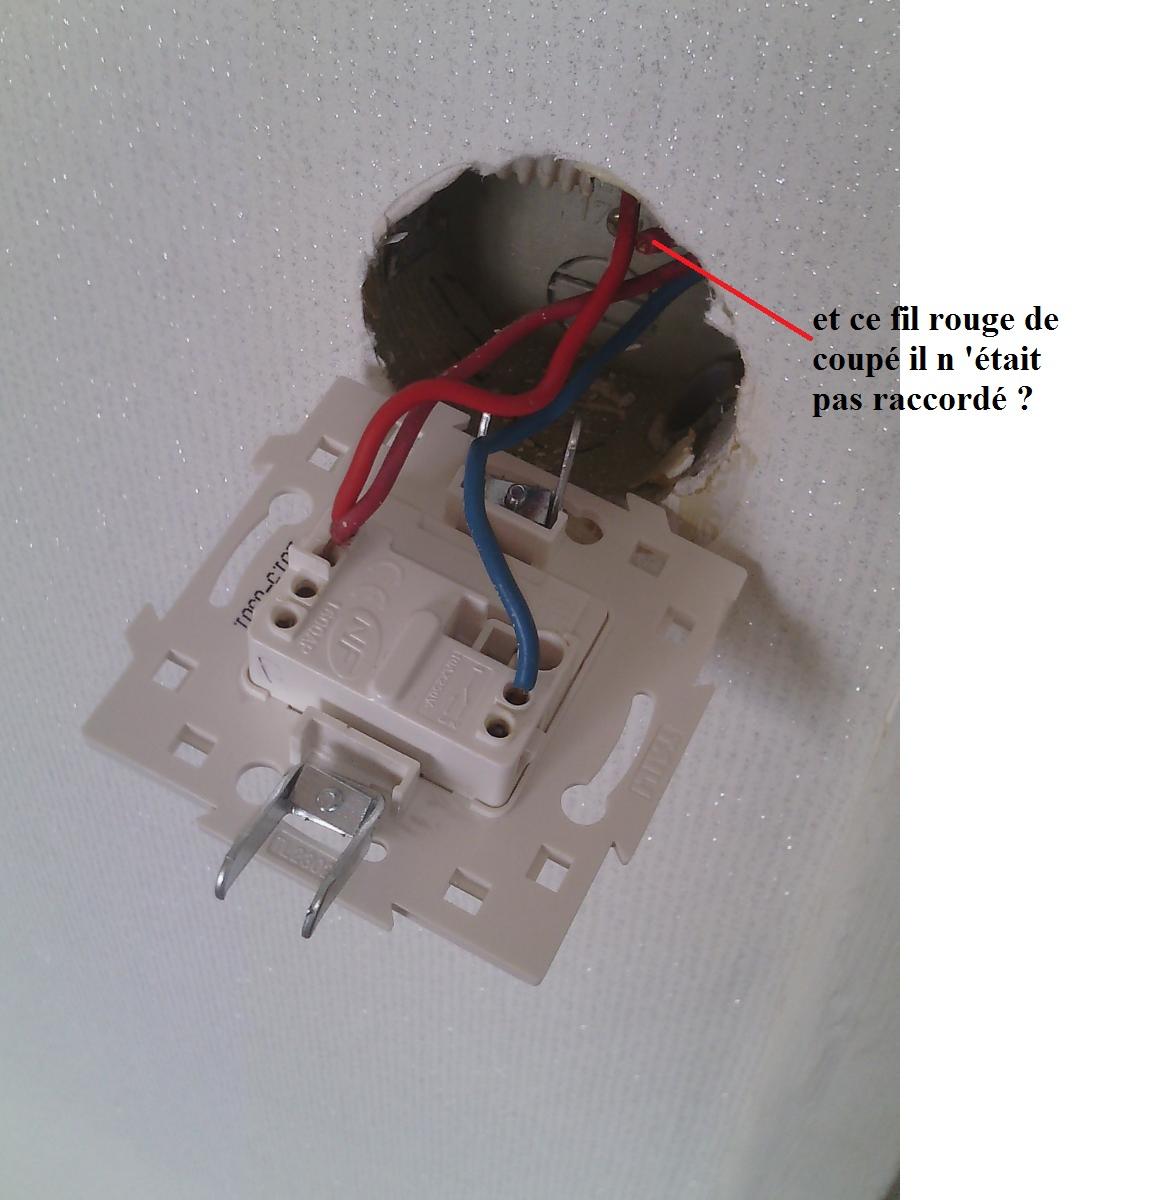 Probleme 3 interrupteurs pour 2 lumieres differentes chambres for Probleme humidite chambre